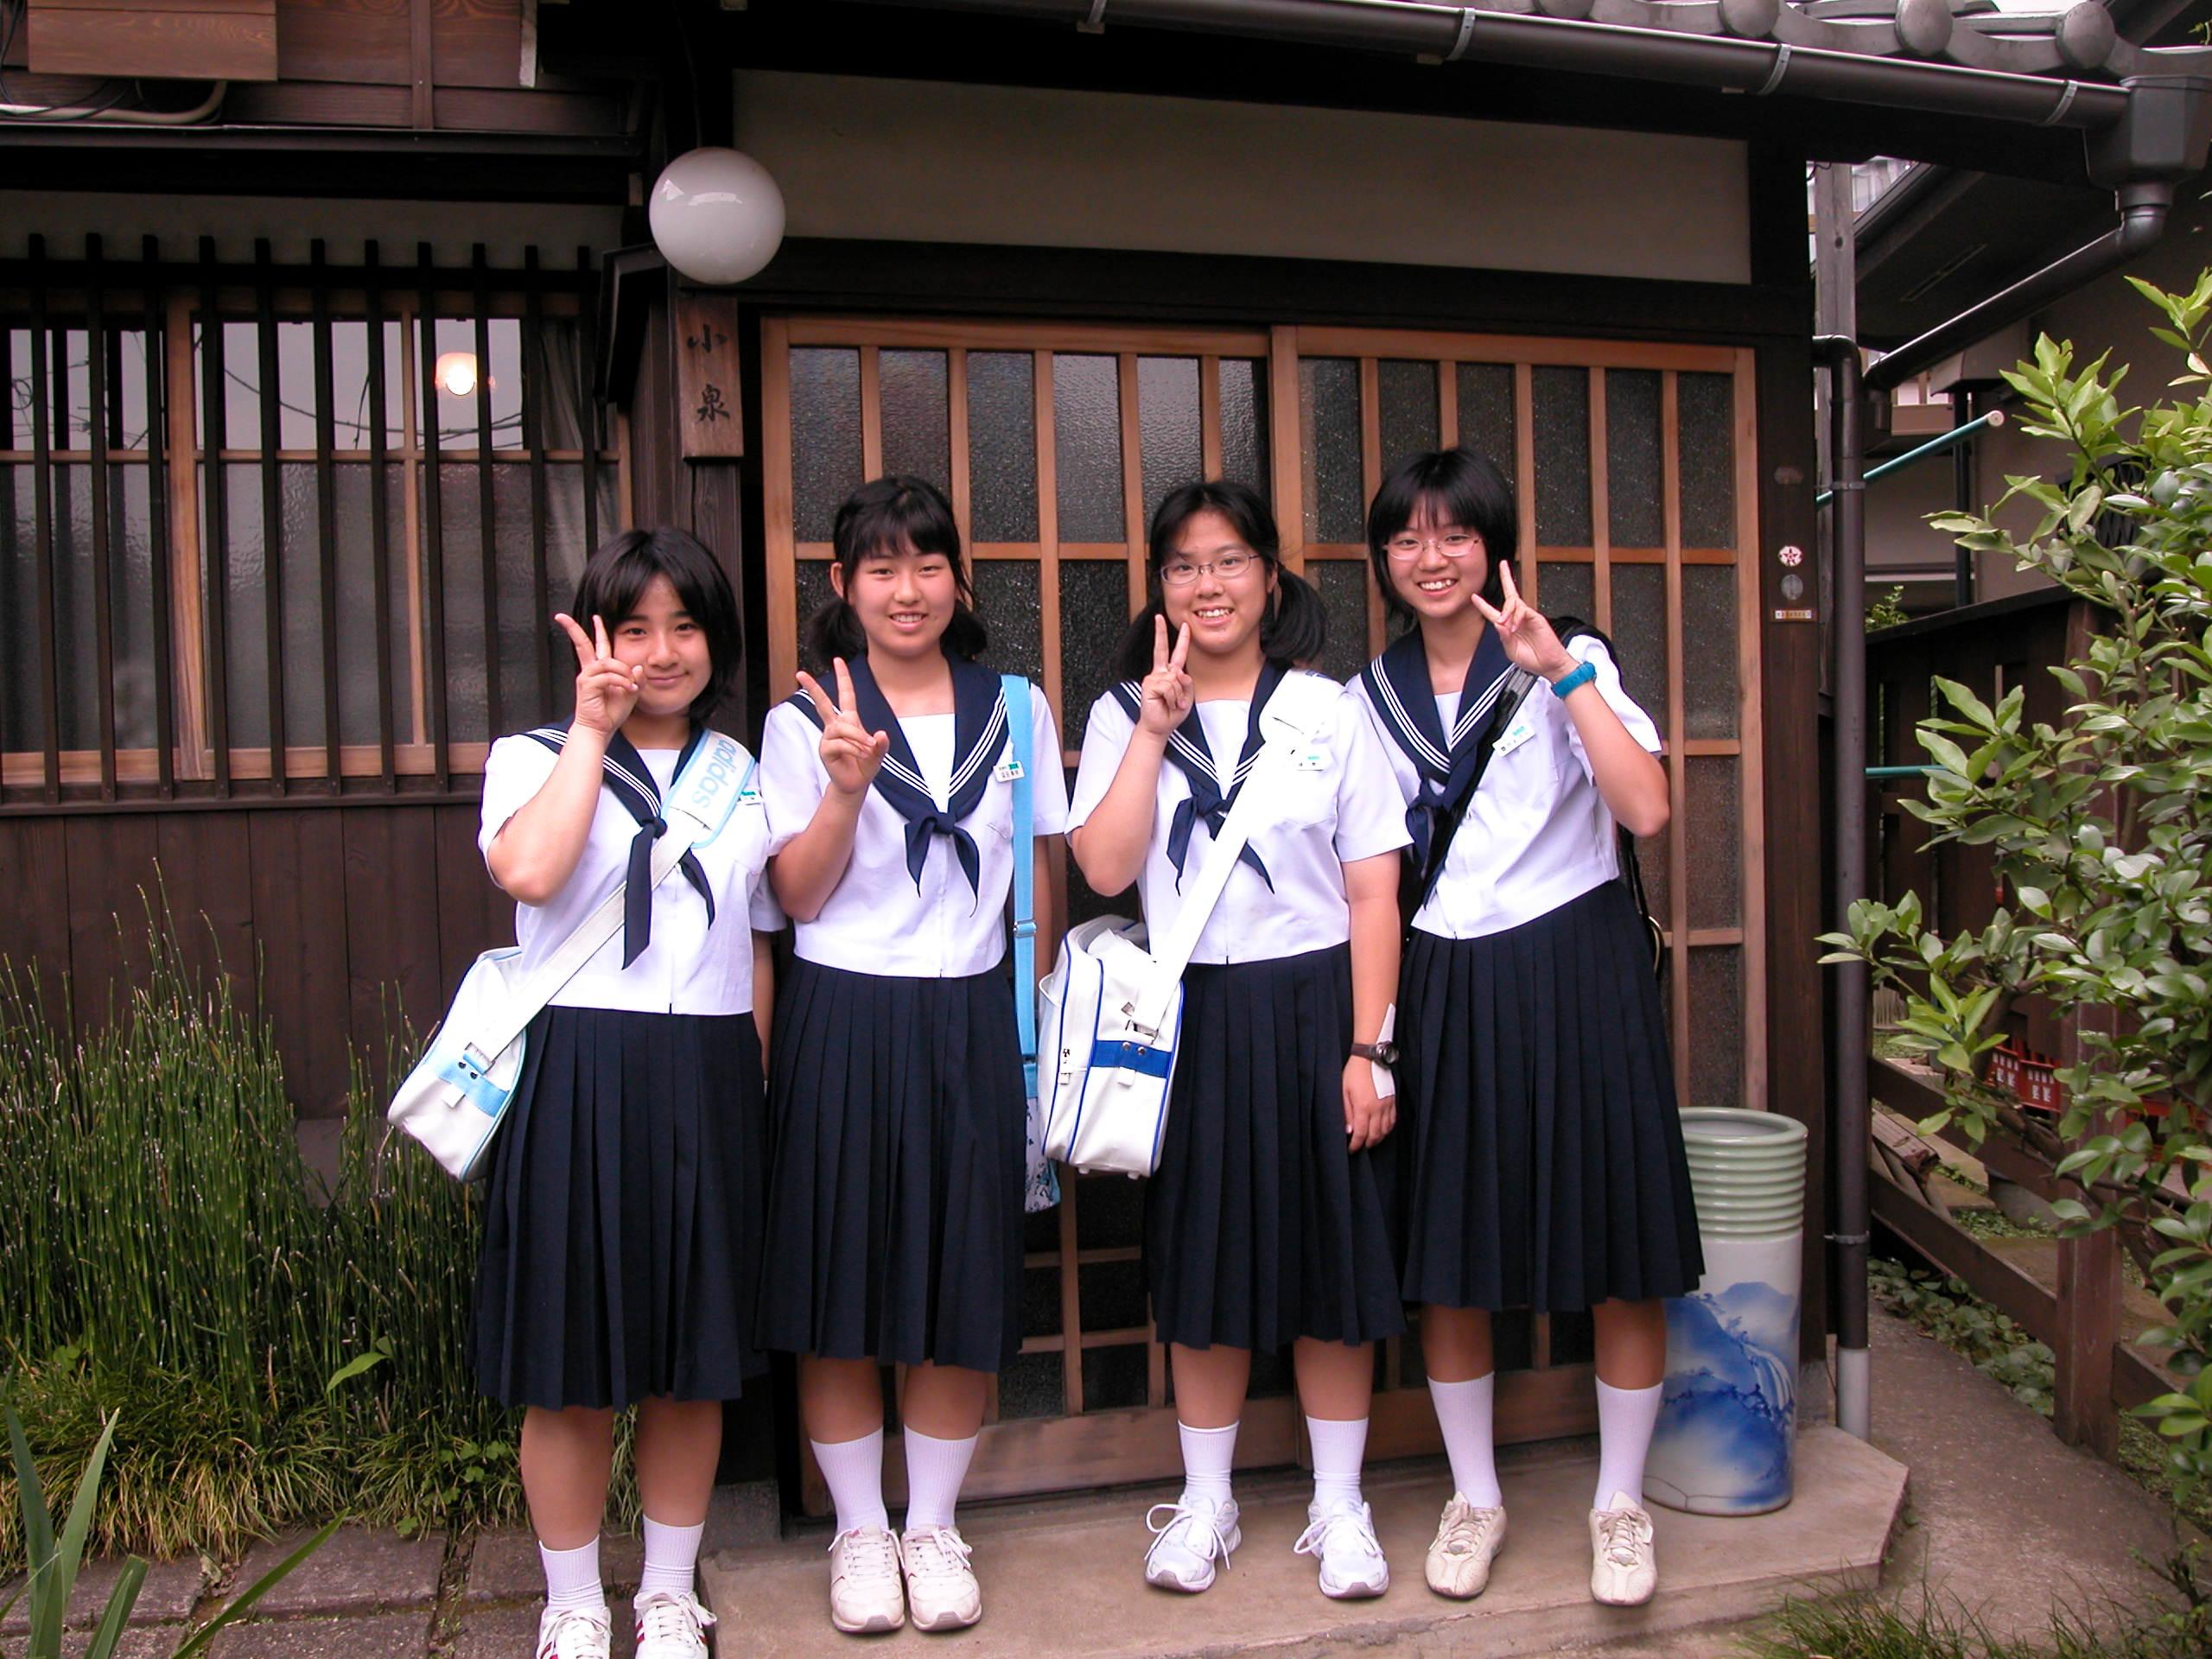 ふつうの白無地ソックス女子中高生->画像>907枚